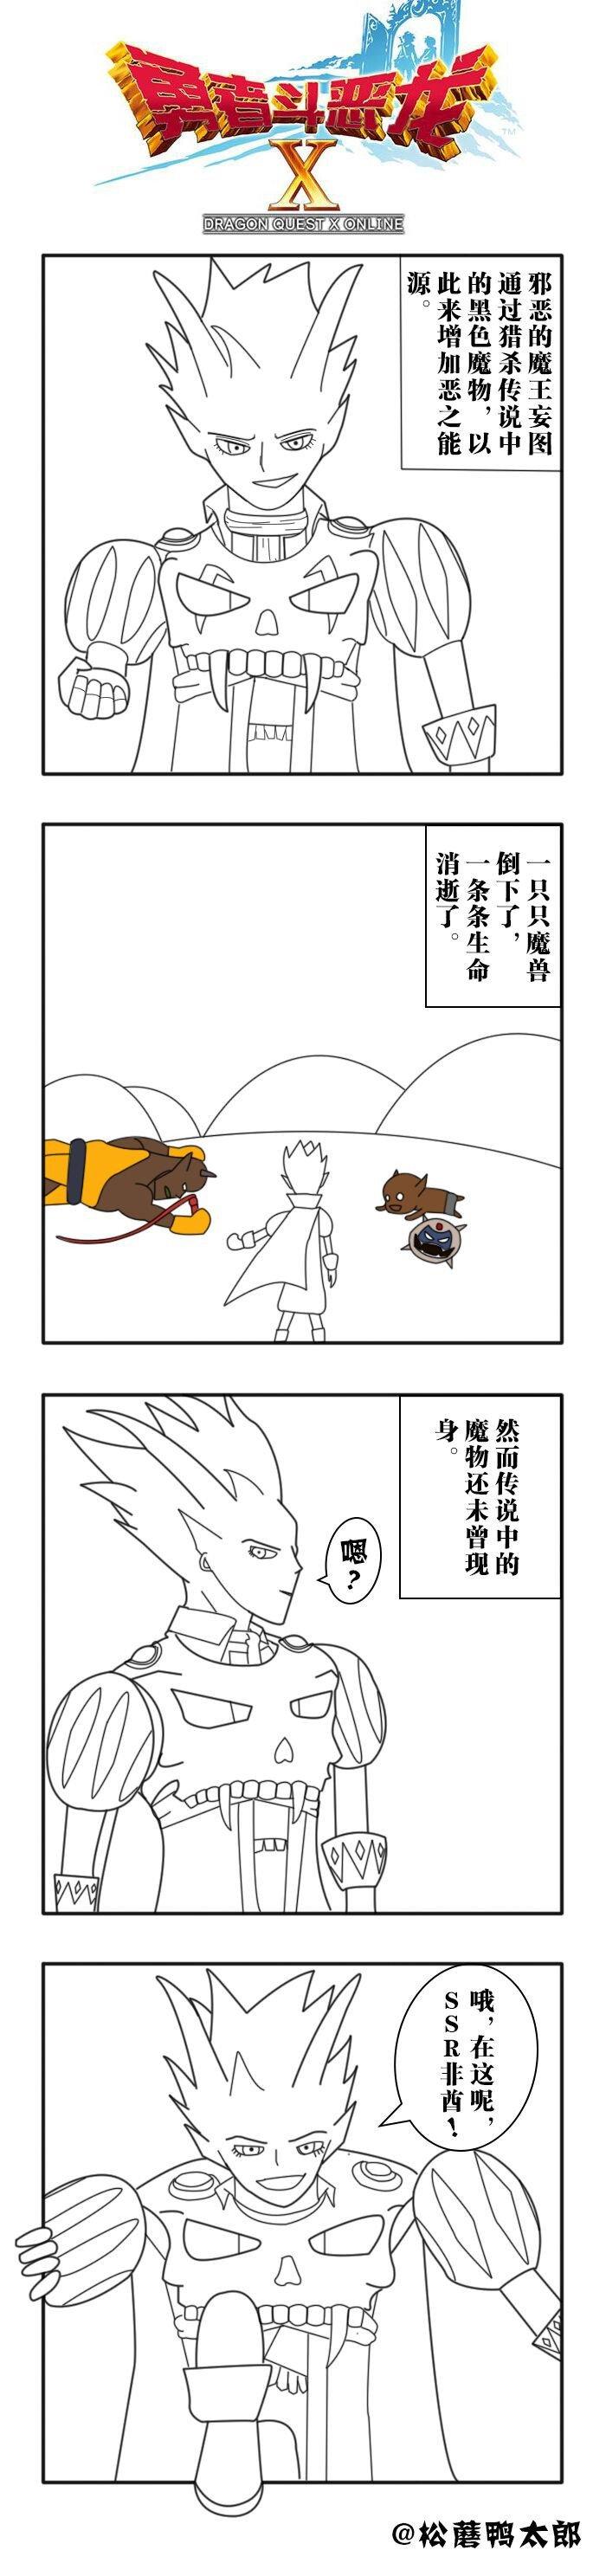 冥王漫画01.jpg